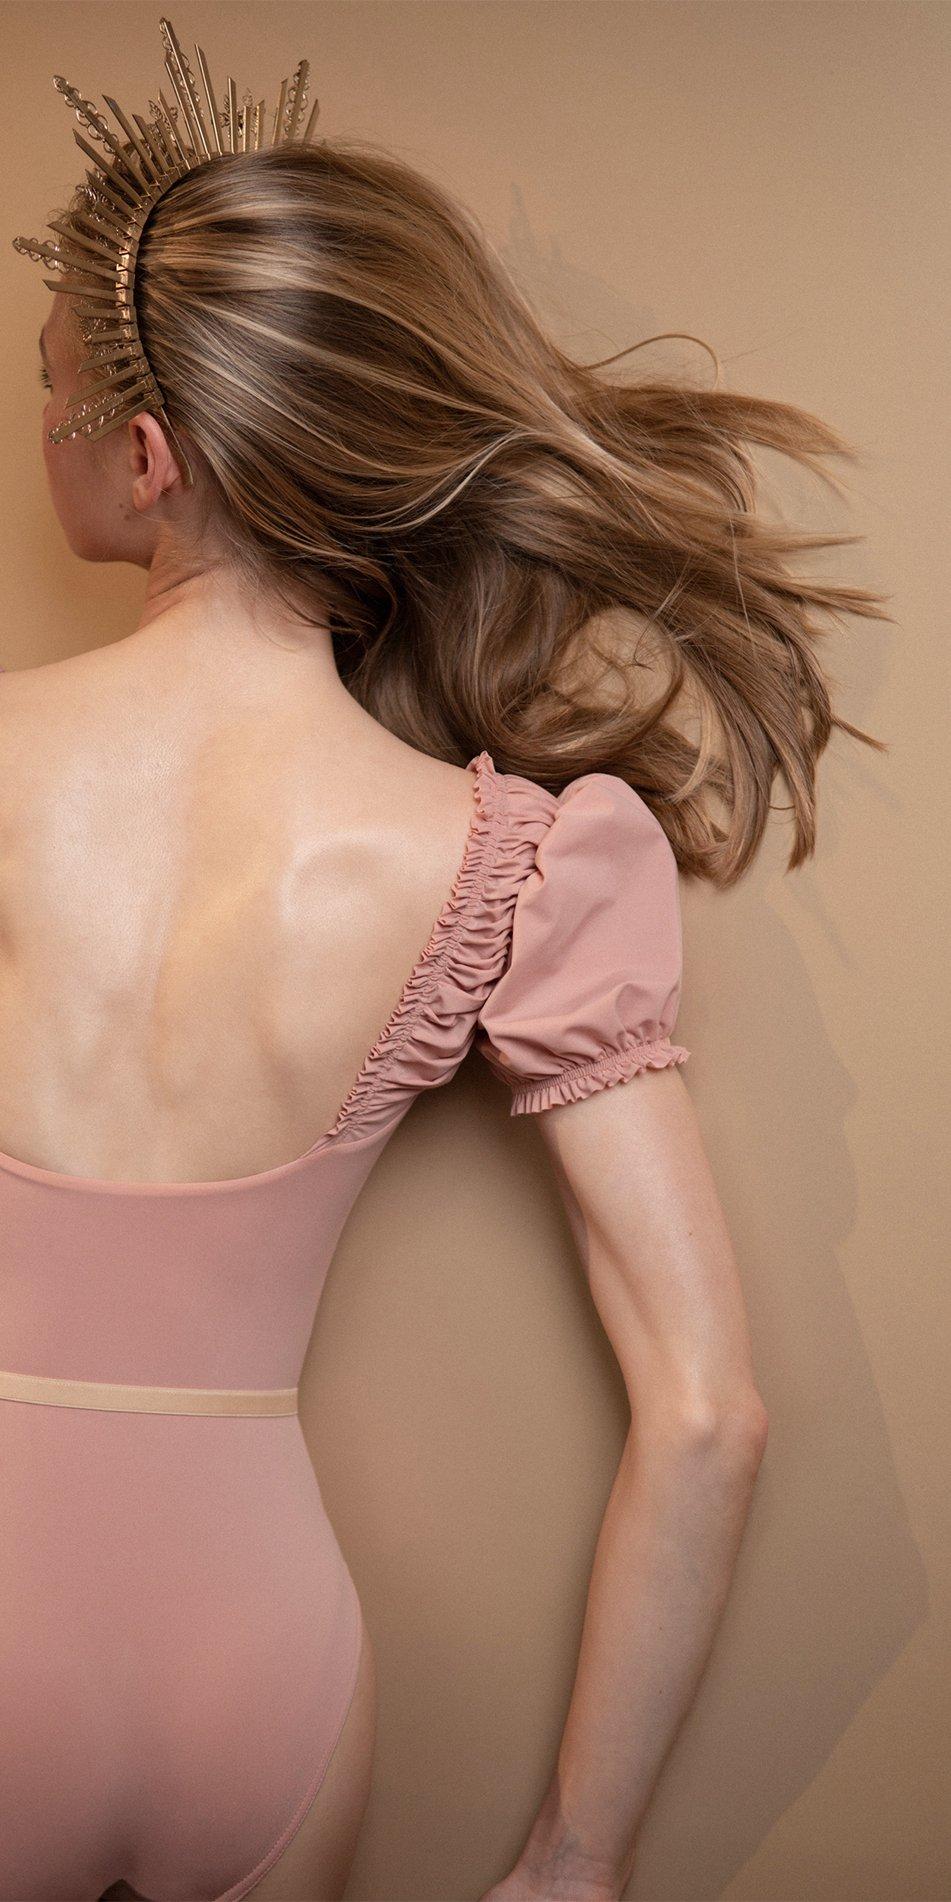 MAIDEN blush leotard with short puff sleeves 5